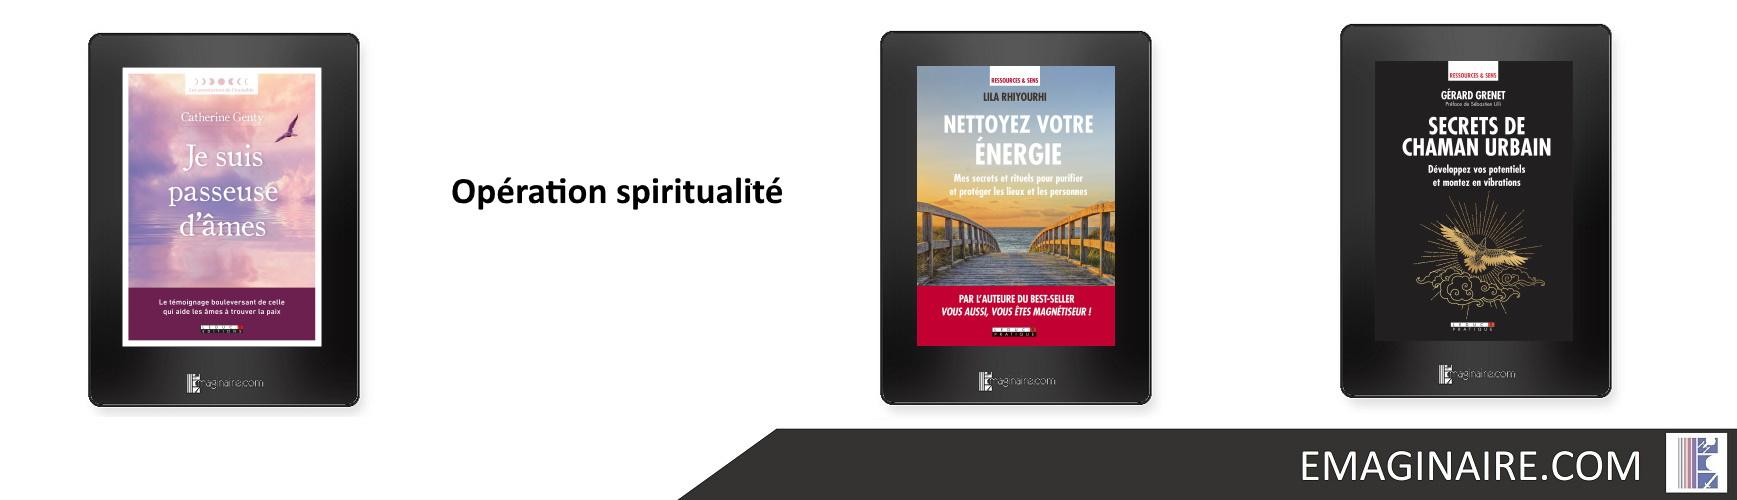 Opération spiritualité